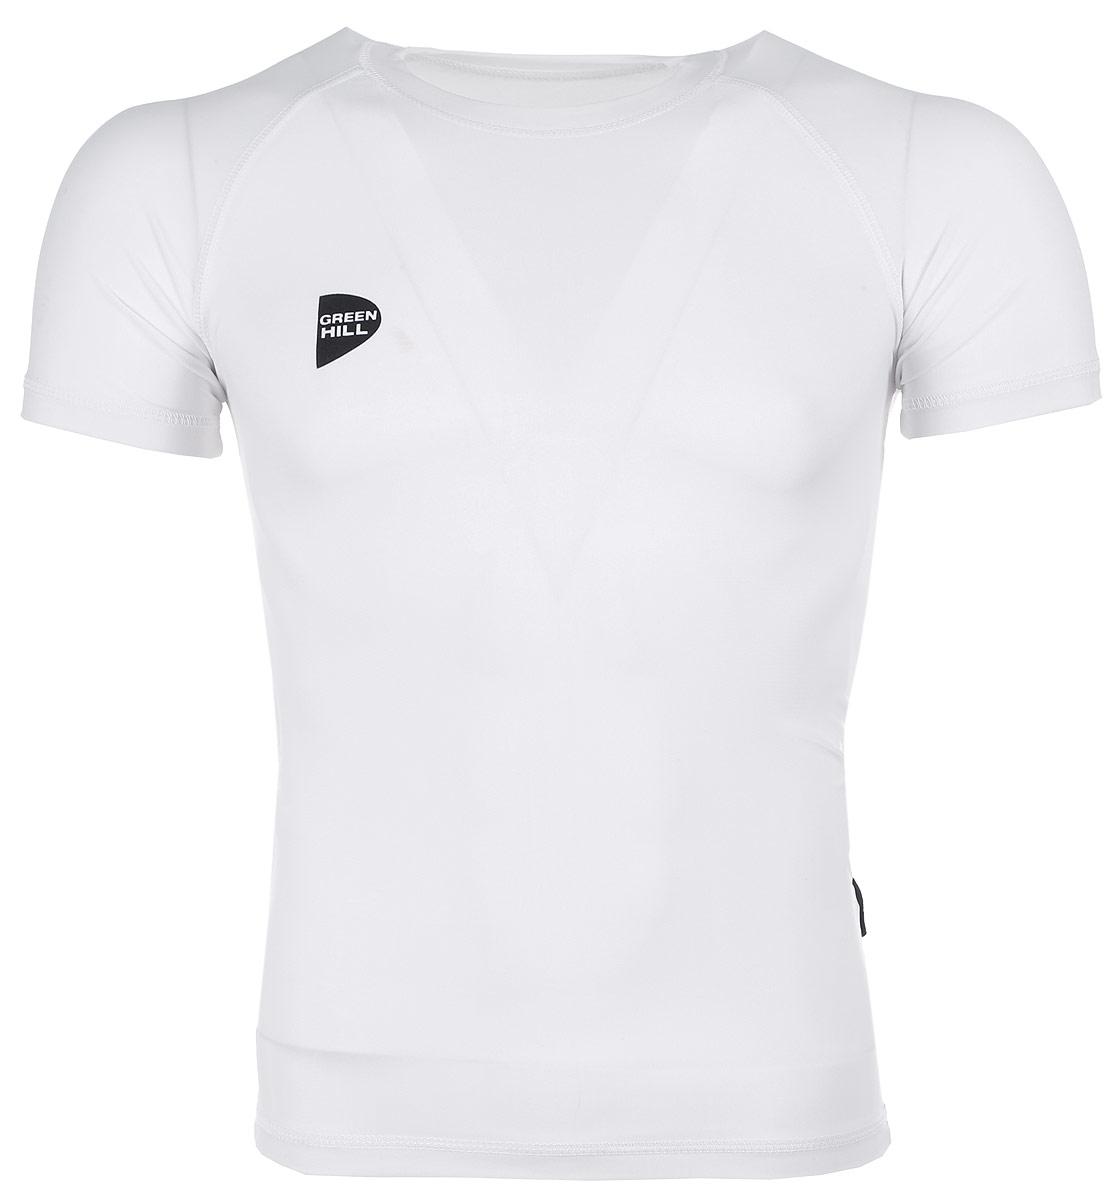 Защитная футболка Green Hill, цвет: белый. Размер XL. RGS-3558AIRWHEEL Q3-340WH-BLACKЗащитная футболка с логотипом дзюдо. Материал: полиэстер/лайкра. Размеры: Длина 67 см ширина 41 см